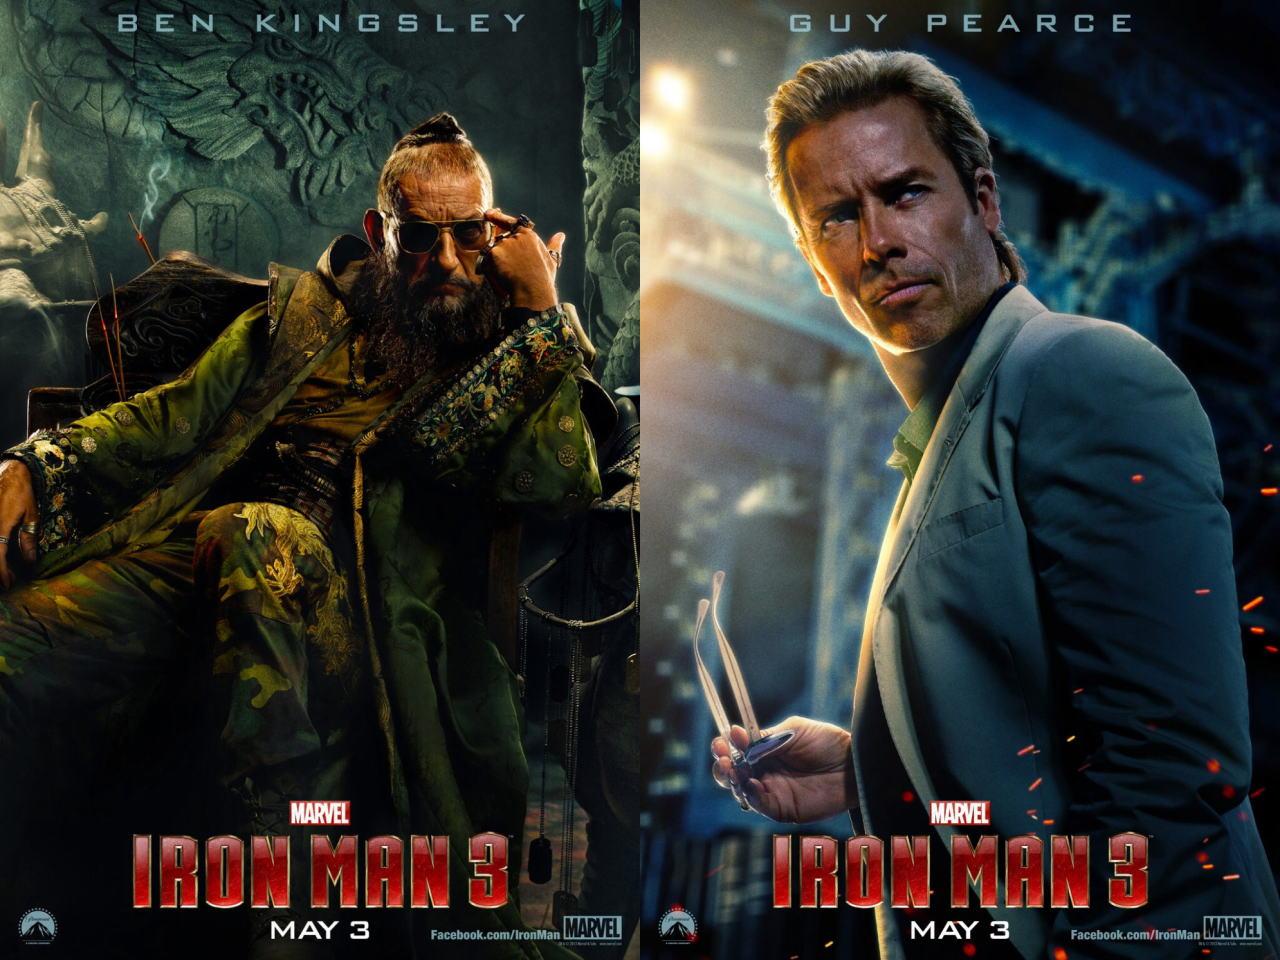 映画『アイアンマン3 (2013) IRON MAN 3』ポスター(8)▼ポスター画像クリックで拡大します。